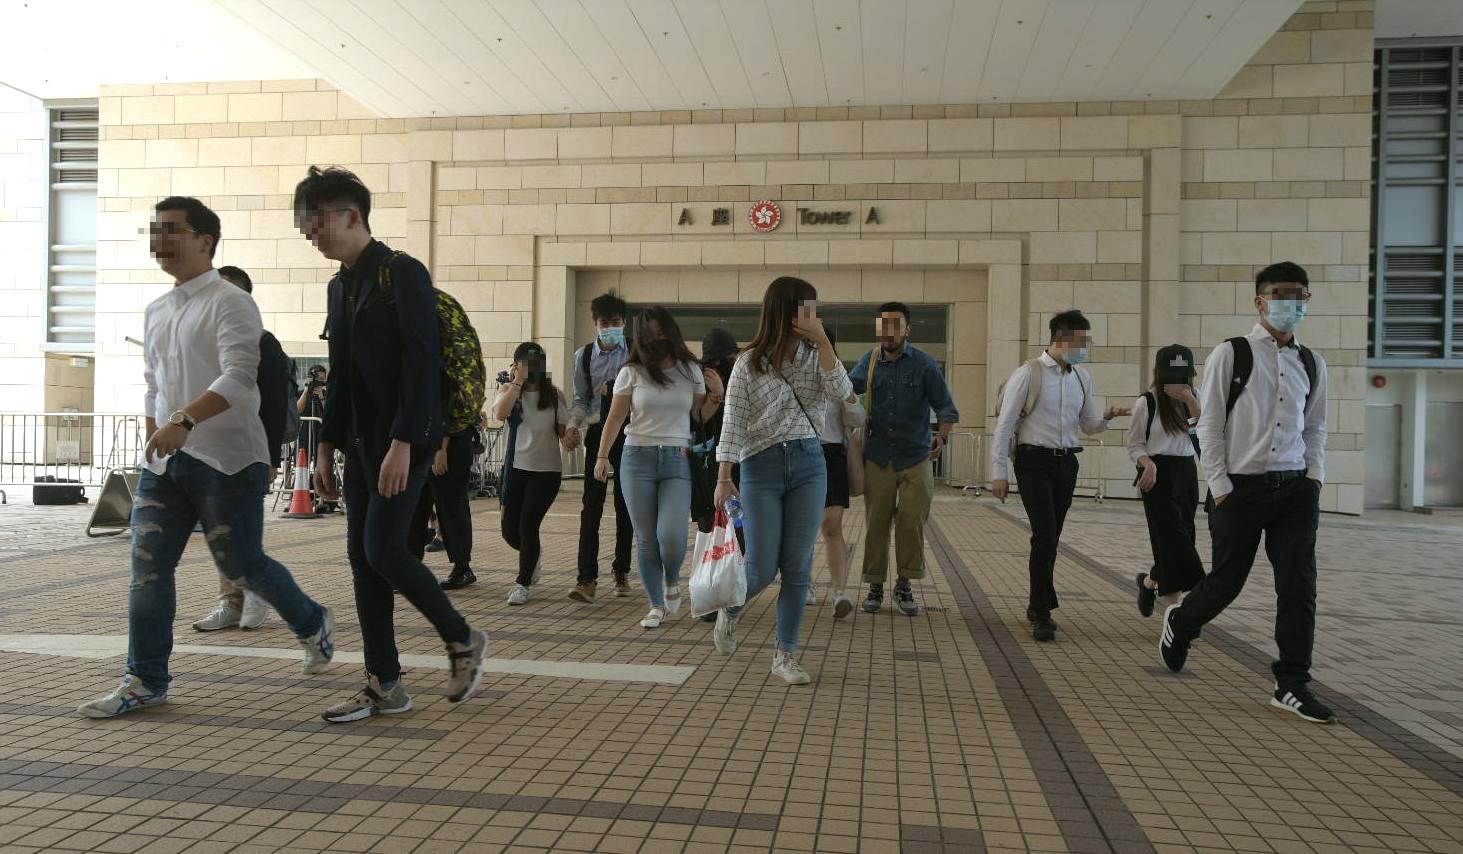 【上环冲突】涉暴动罪16人获取消宵禁令 22岁女离港缺席聆讯遭法庭通缉